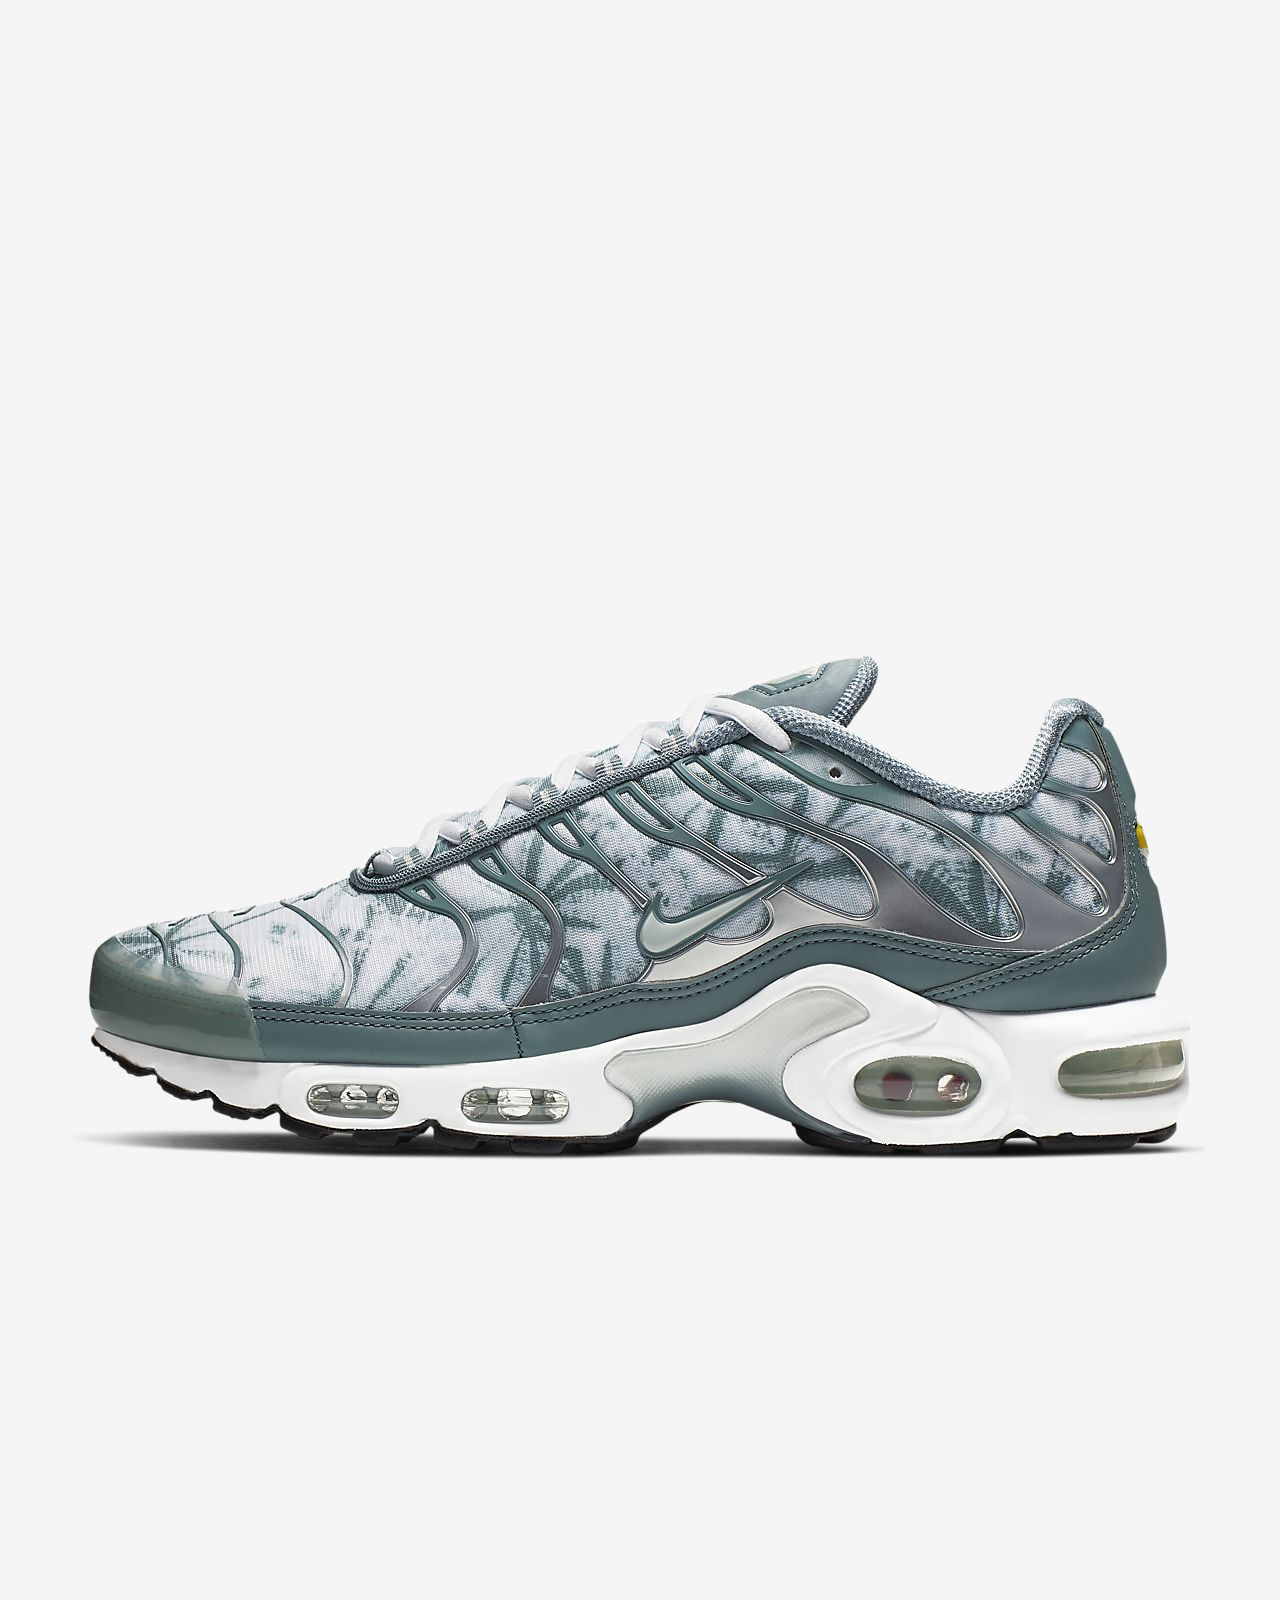 Nike Air Max Plus OG Ayakkabı